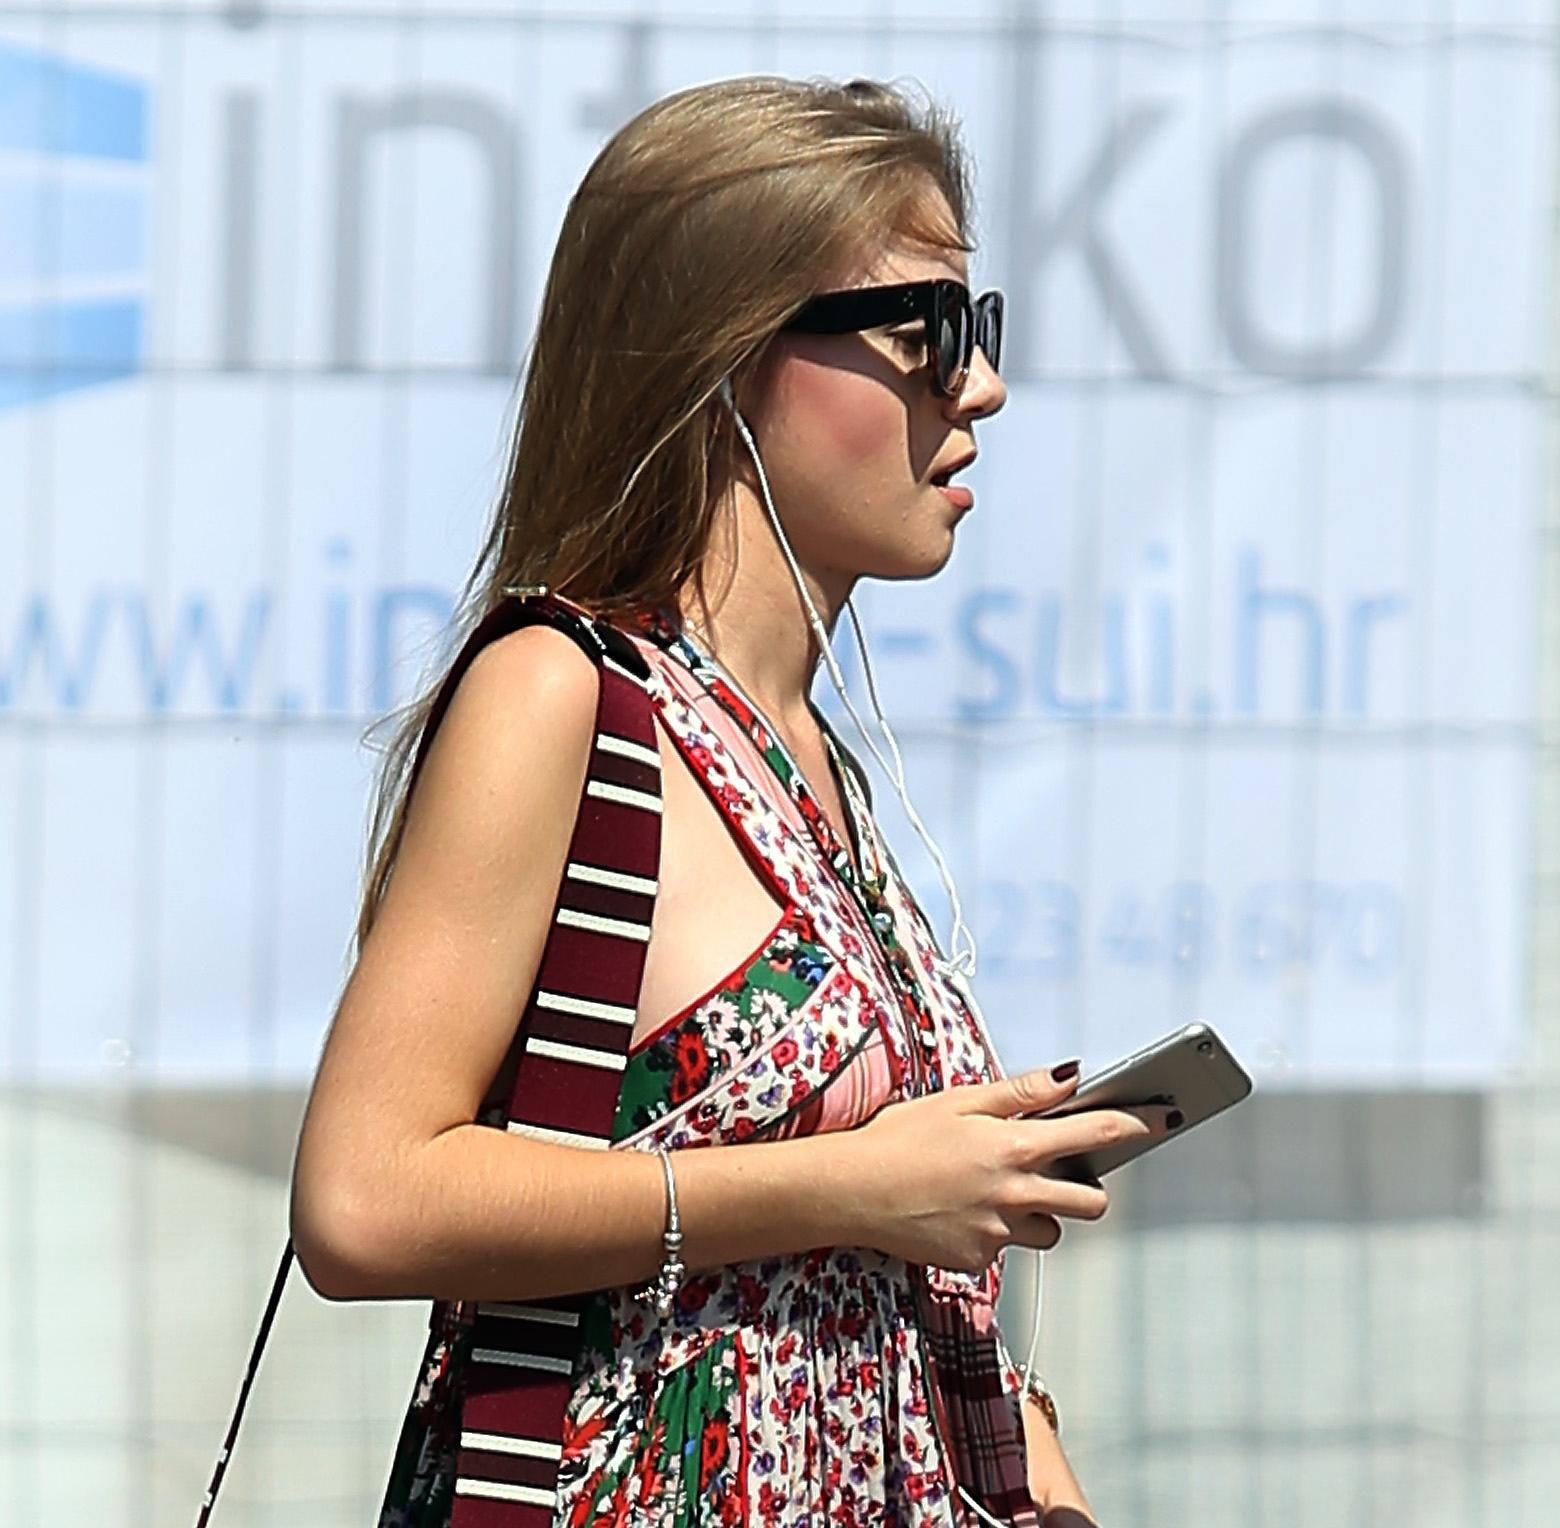 Pogledajte styling ove ljepotice: Ne možemo odlučiti je li nam ljepša torbica ili haljina!